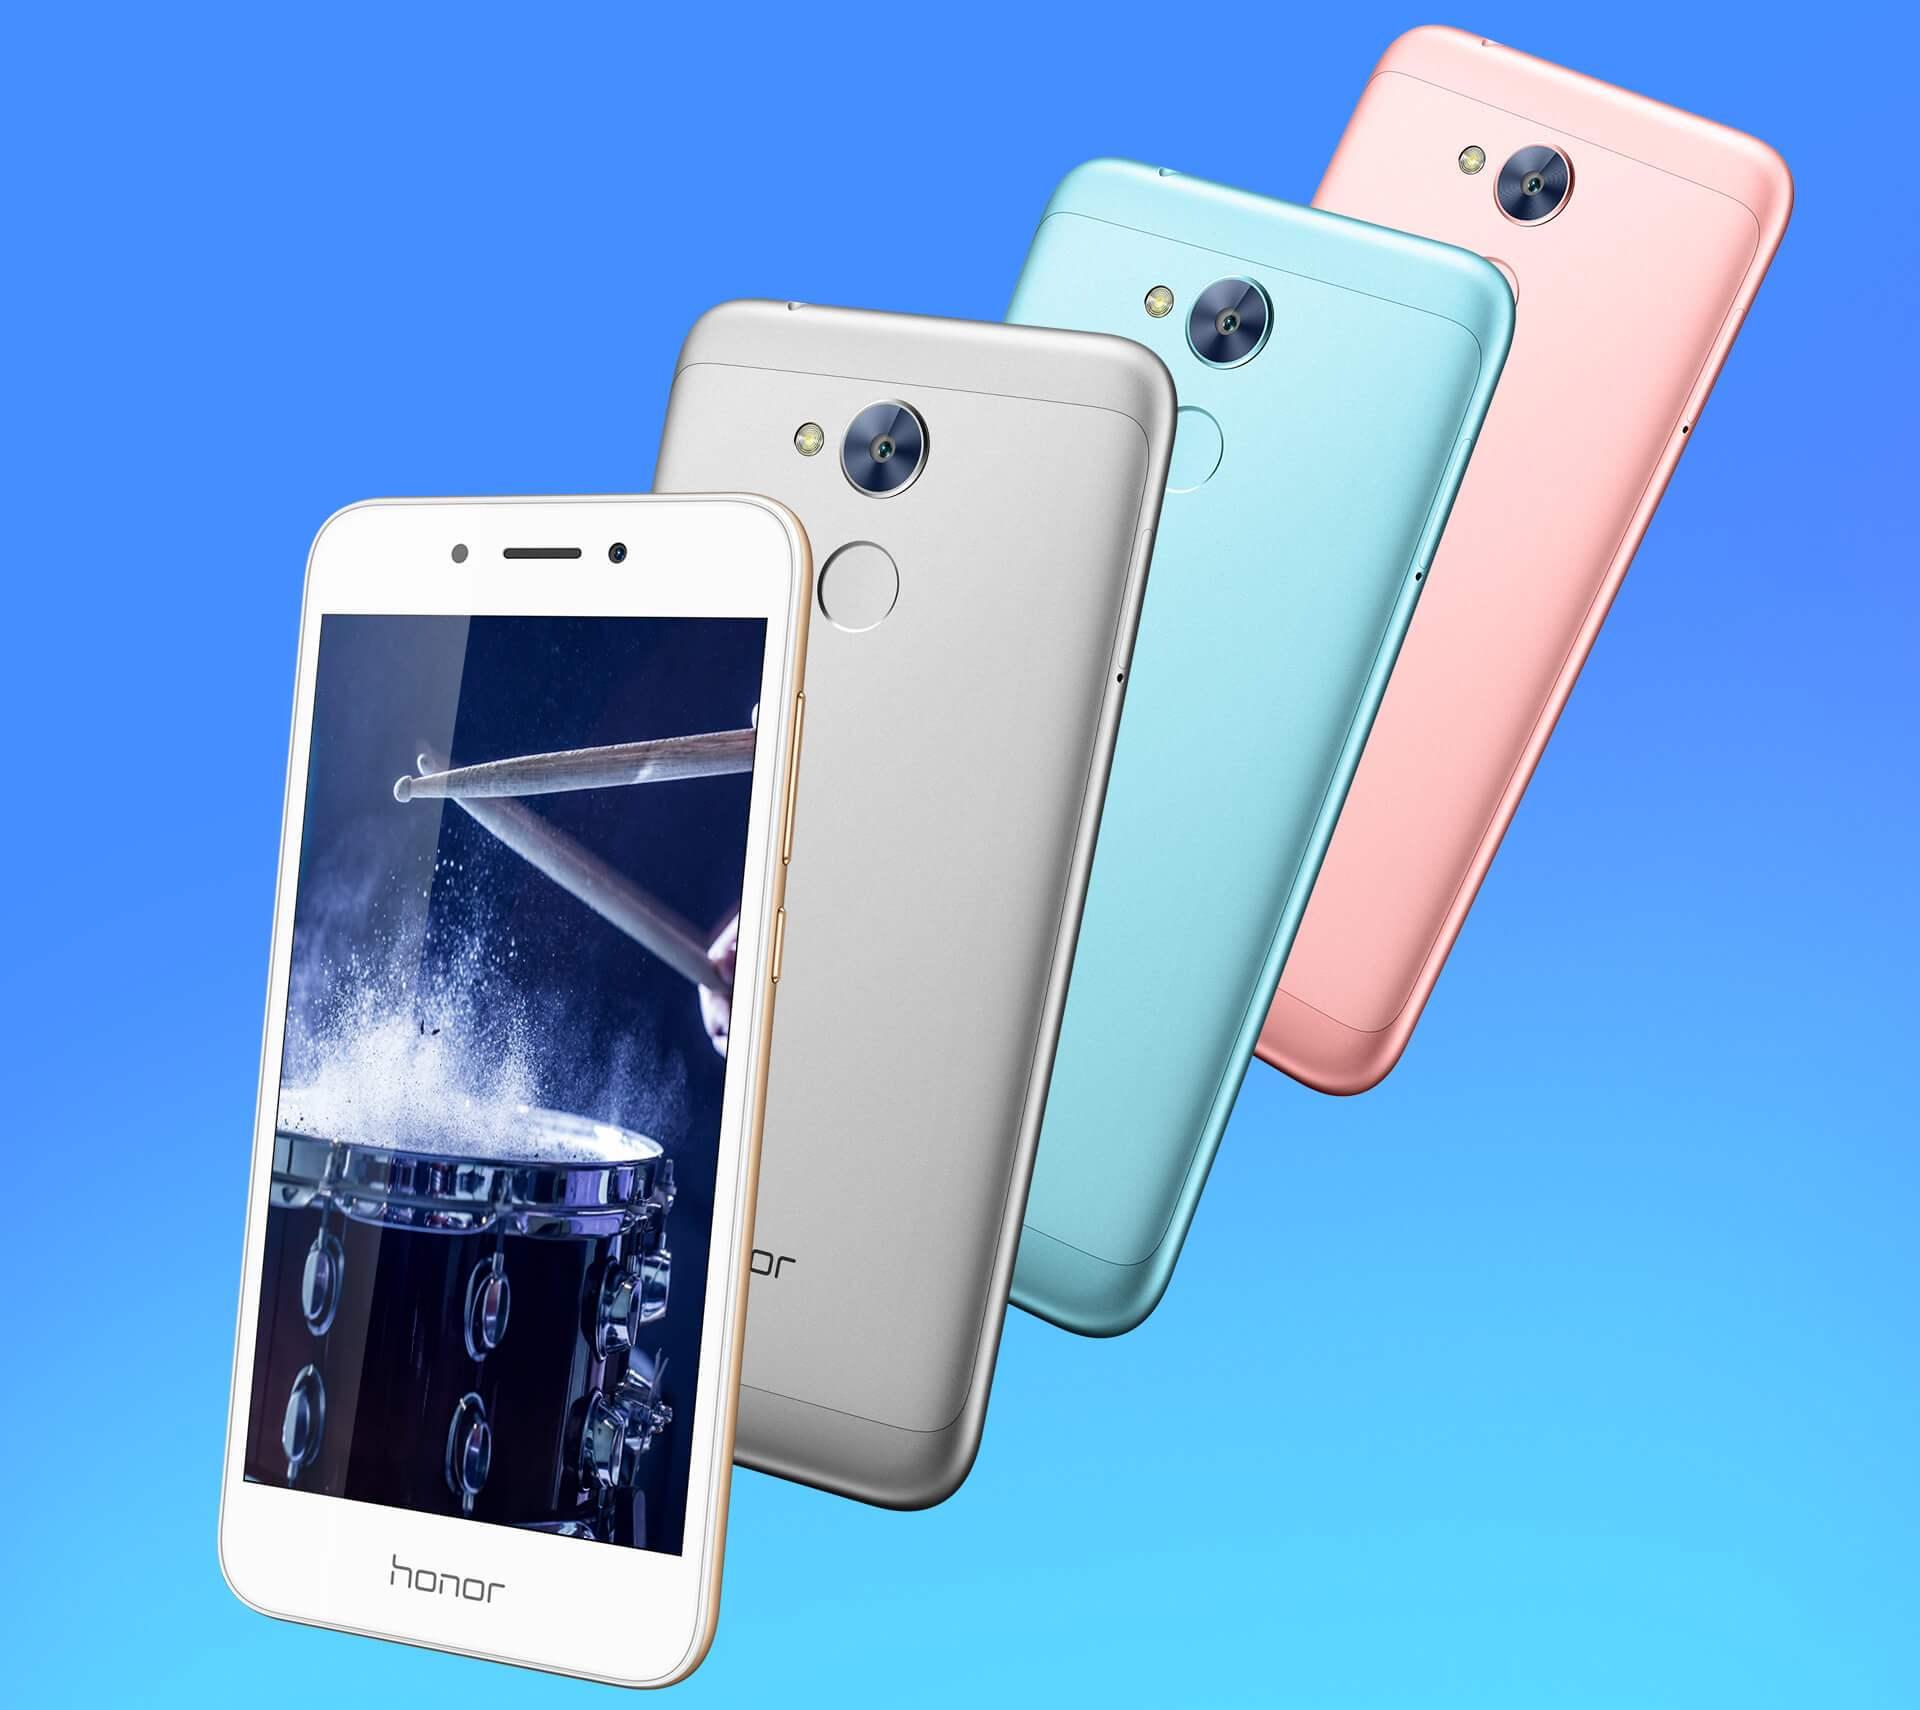 Рис. 2. Смартфон Honor 6A – доступная и производительная модель от бренда Huawei.